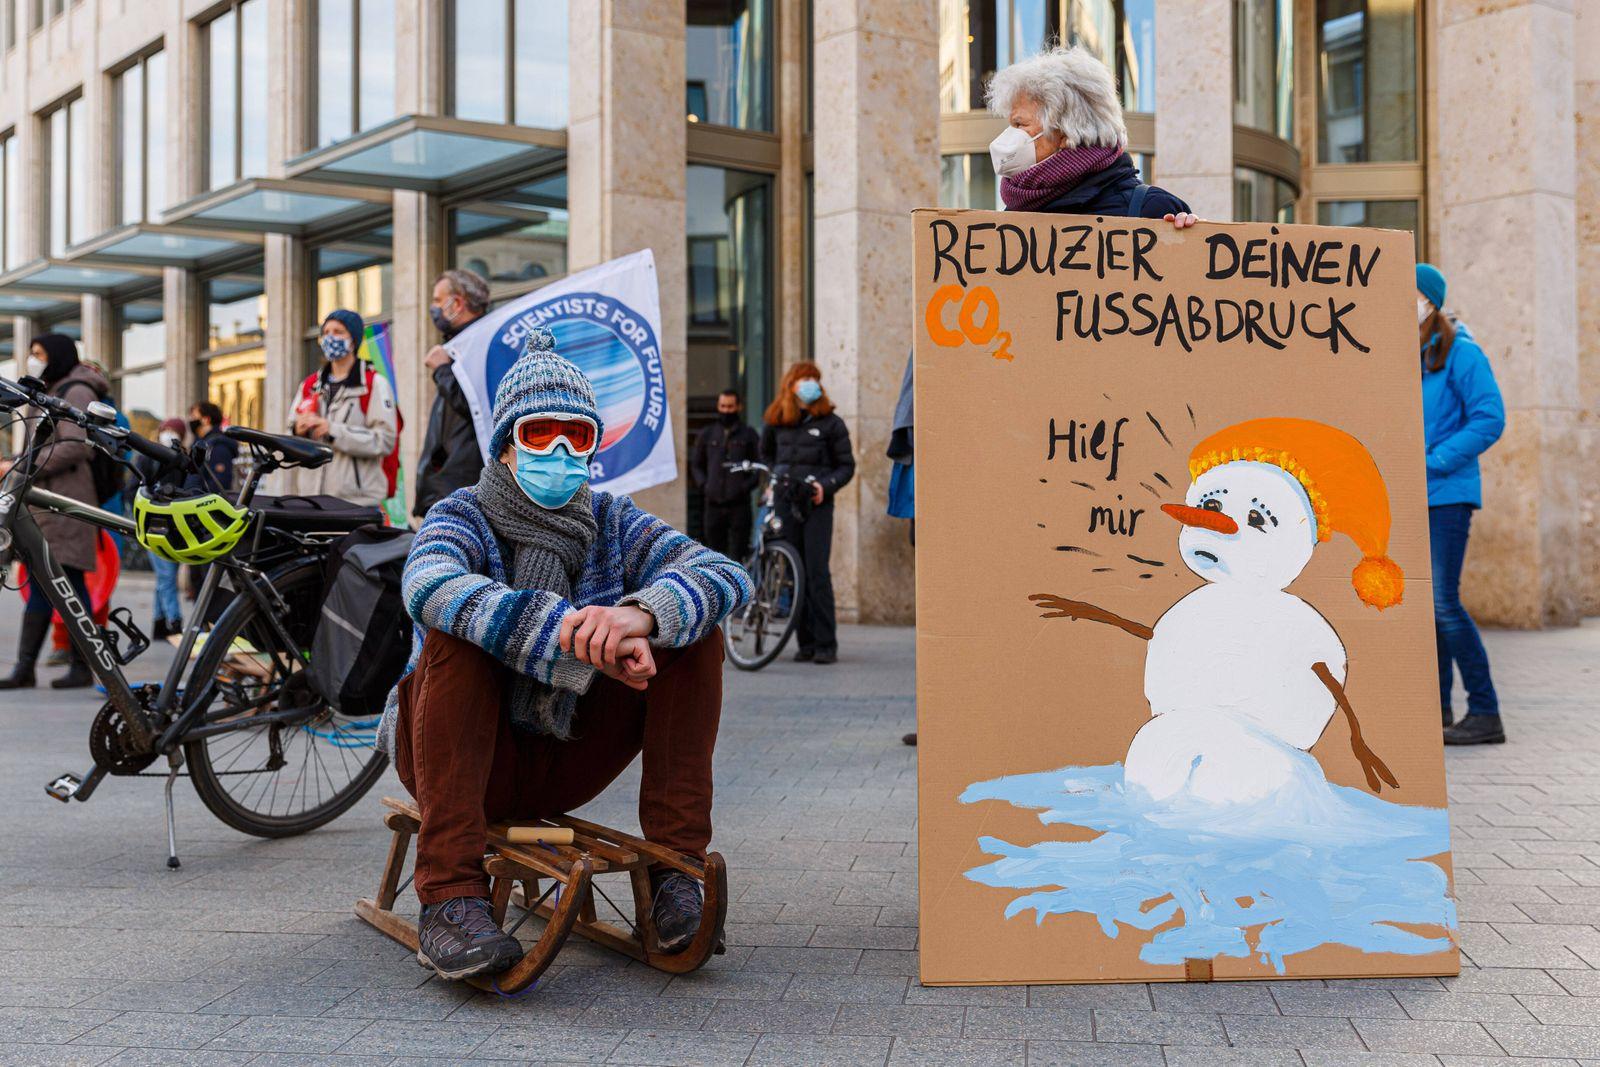 DEUTSCHLAND, NIEDERSACHSEN, HANNOVER, 22.01.2021 - Schlitten-Demonstration von Fridays for Future Hannover - Innenstadt